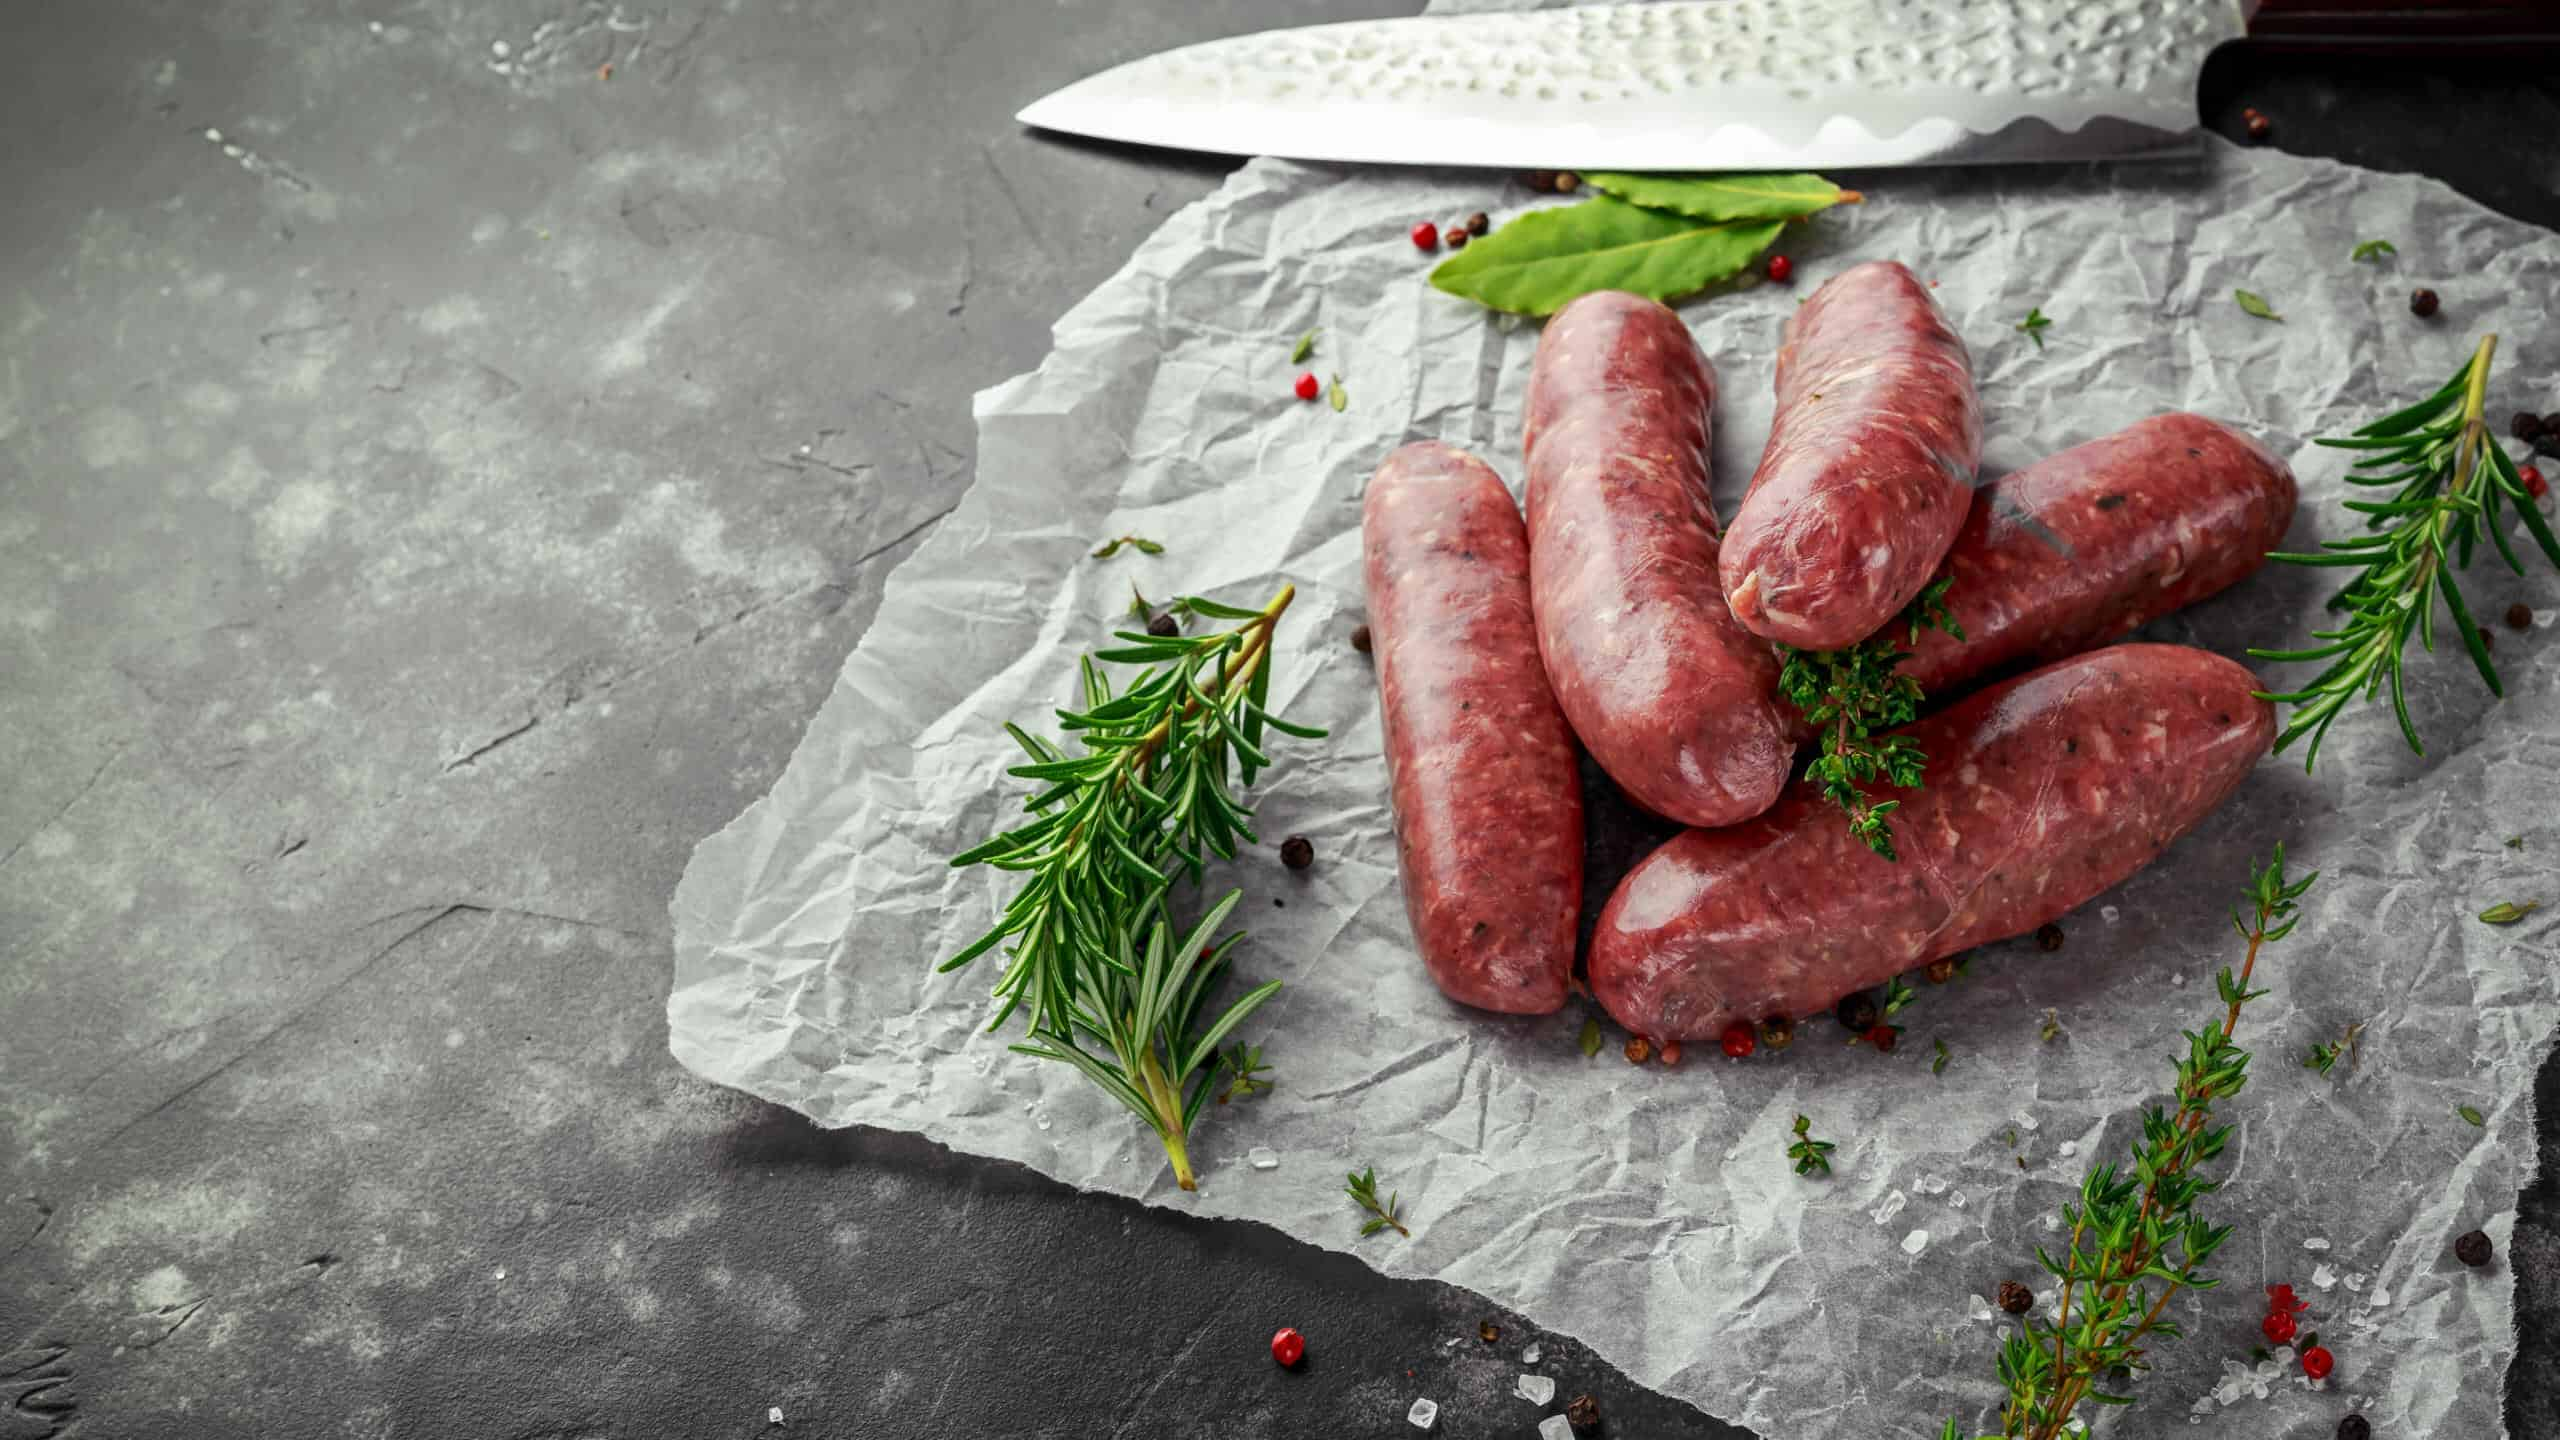 Beef Sausages (Gluten & Preservative Free)